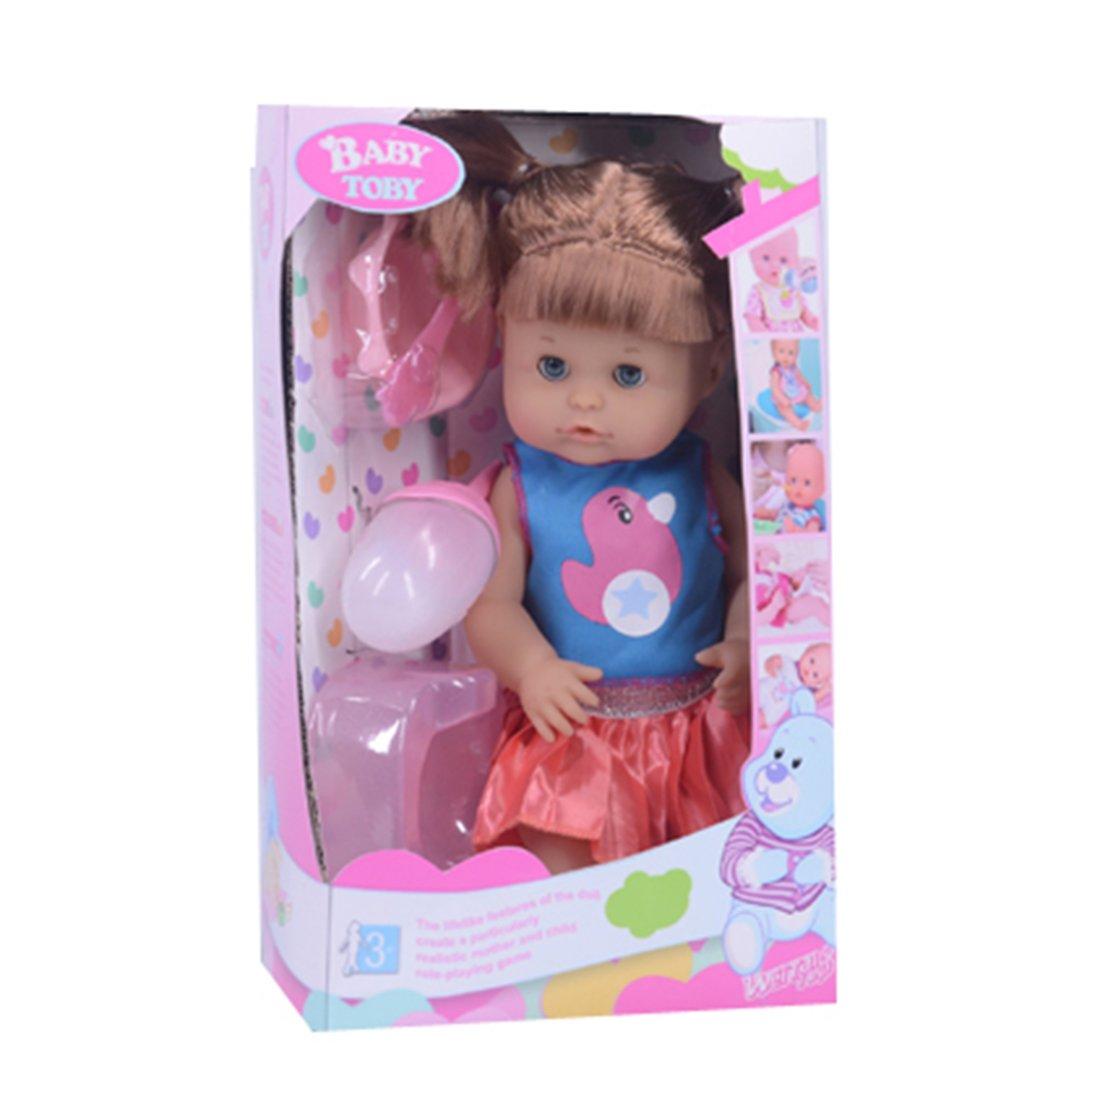 Купить Мой малыш, 31 см, пьет, писает, 4 предмета, коробка, Кукла Наша Игрушка Мой малыш, 4 предмета 319022B13, Наша игрушка,